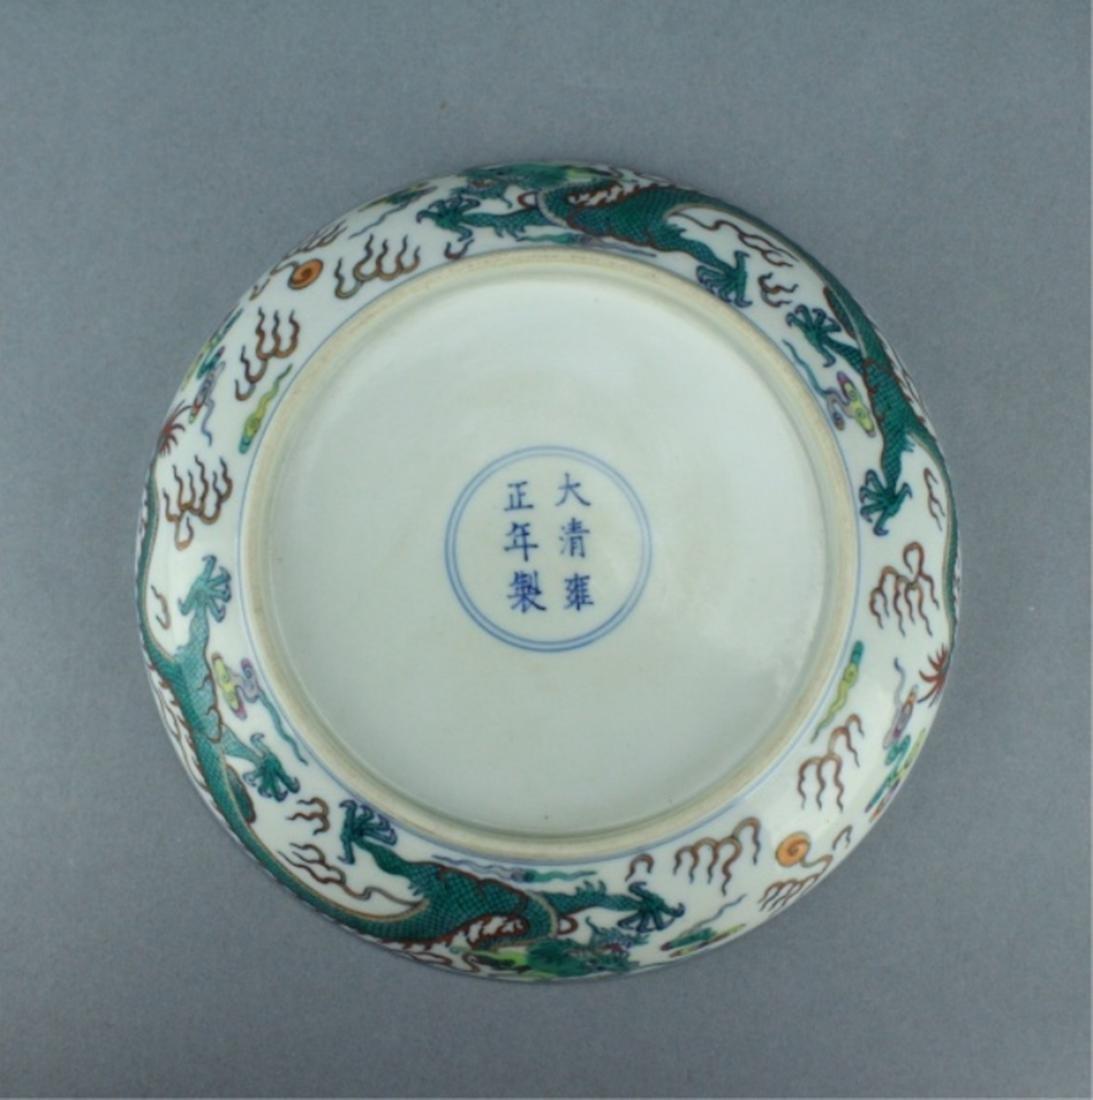 Qing DouCai Dragon Plate YongZheng Period and Mark - 3